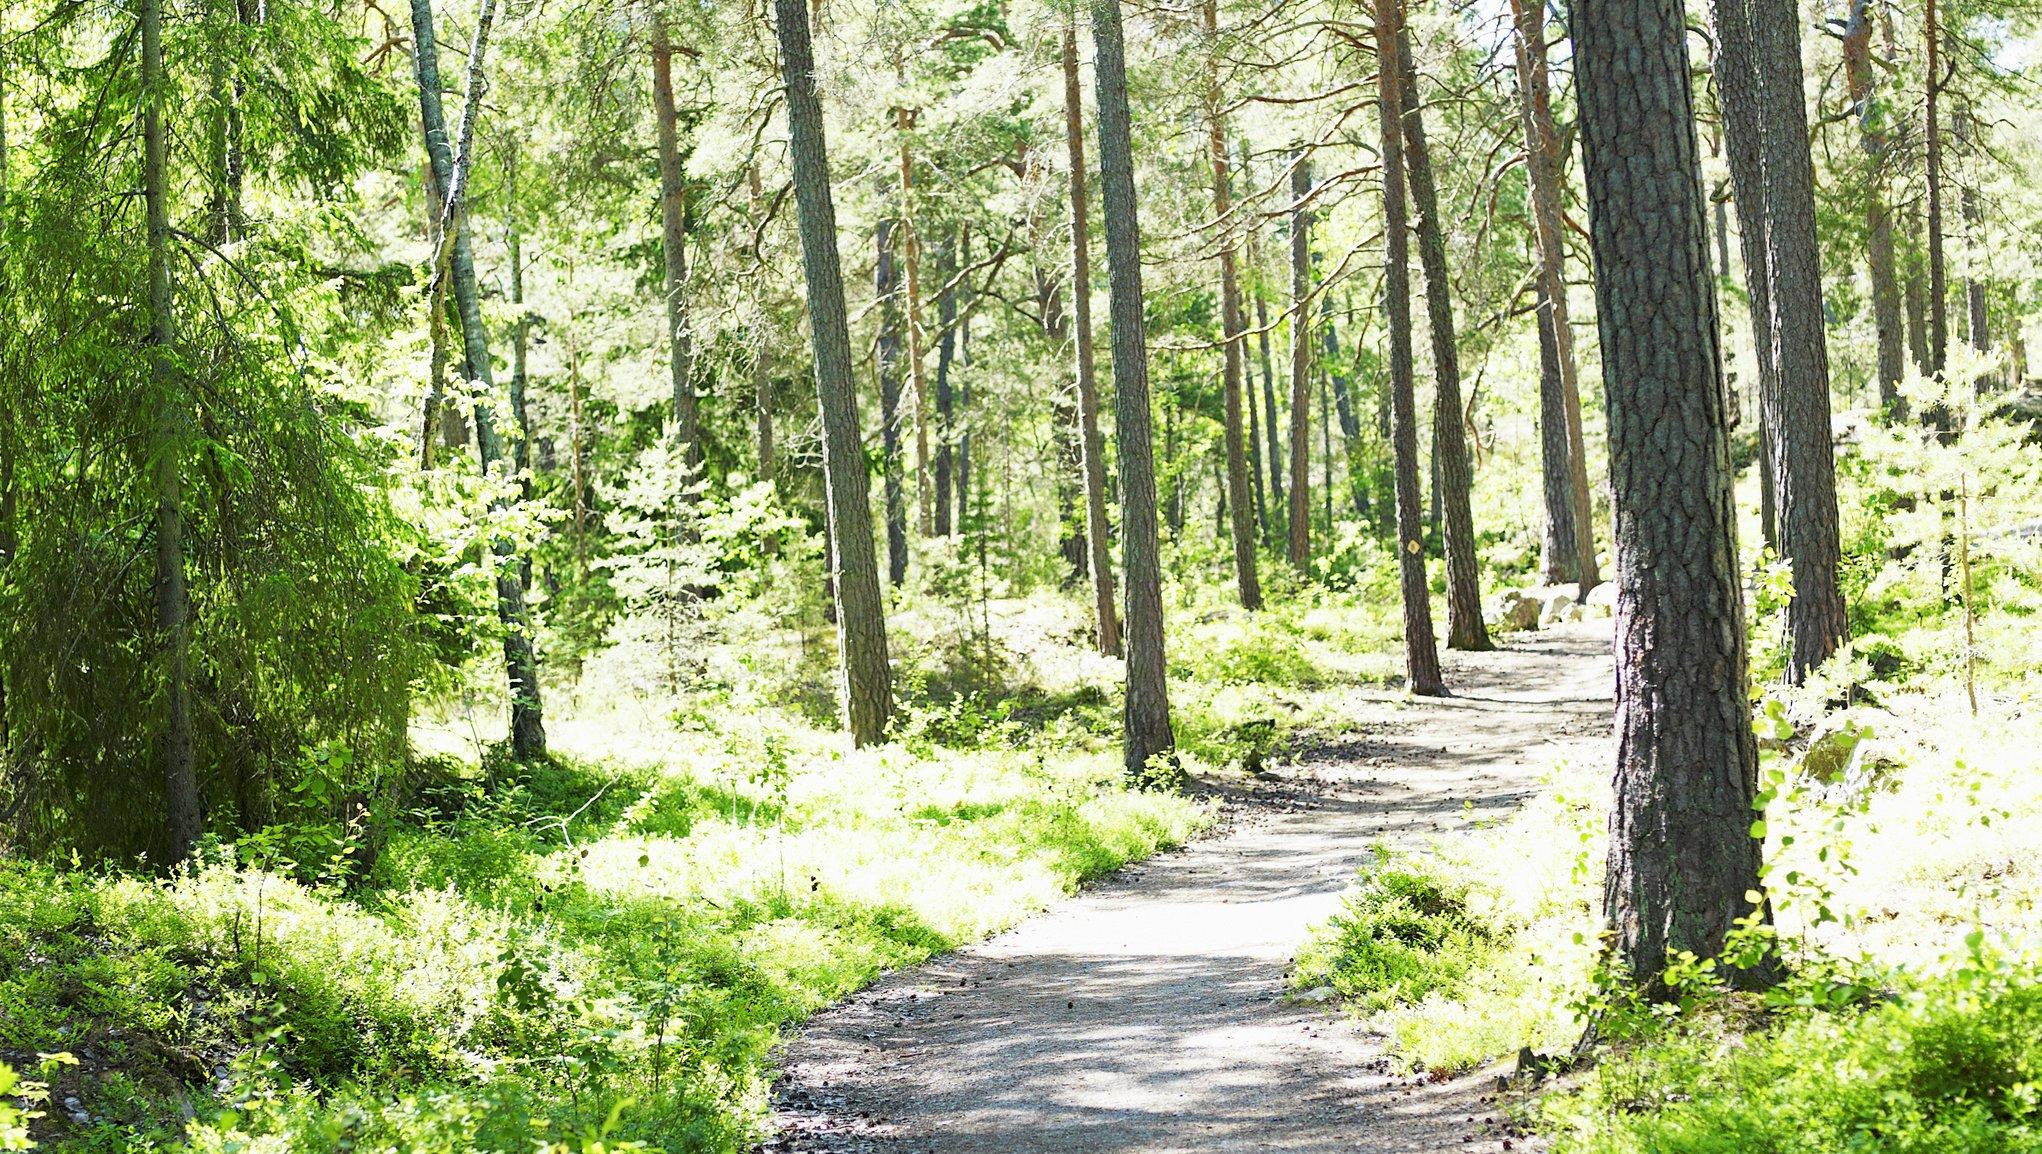 Skogsförsäkring